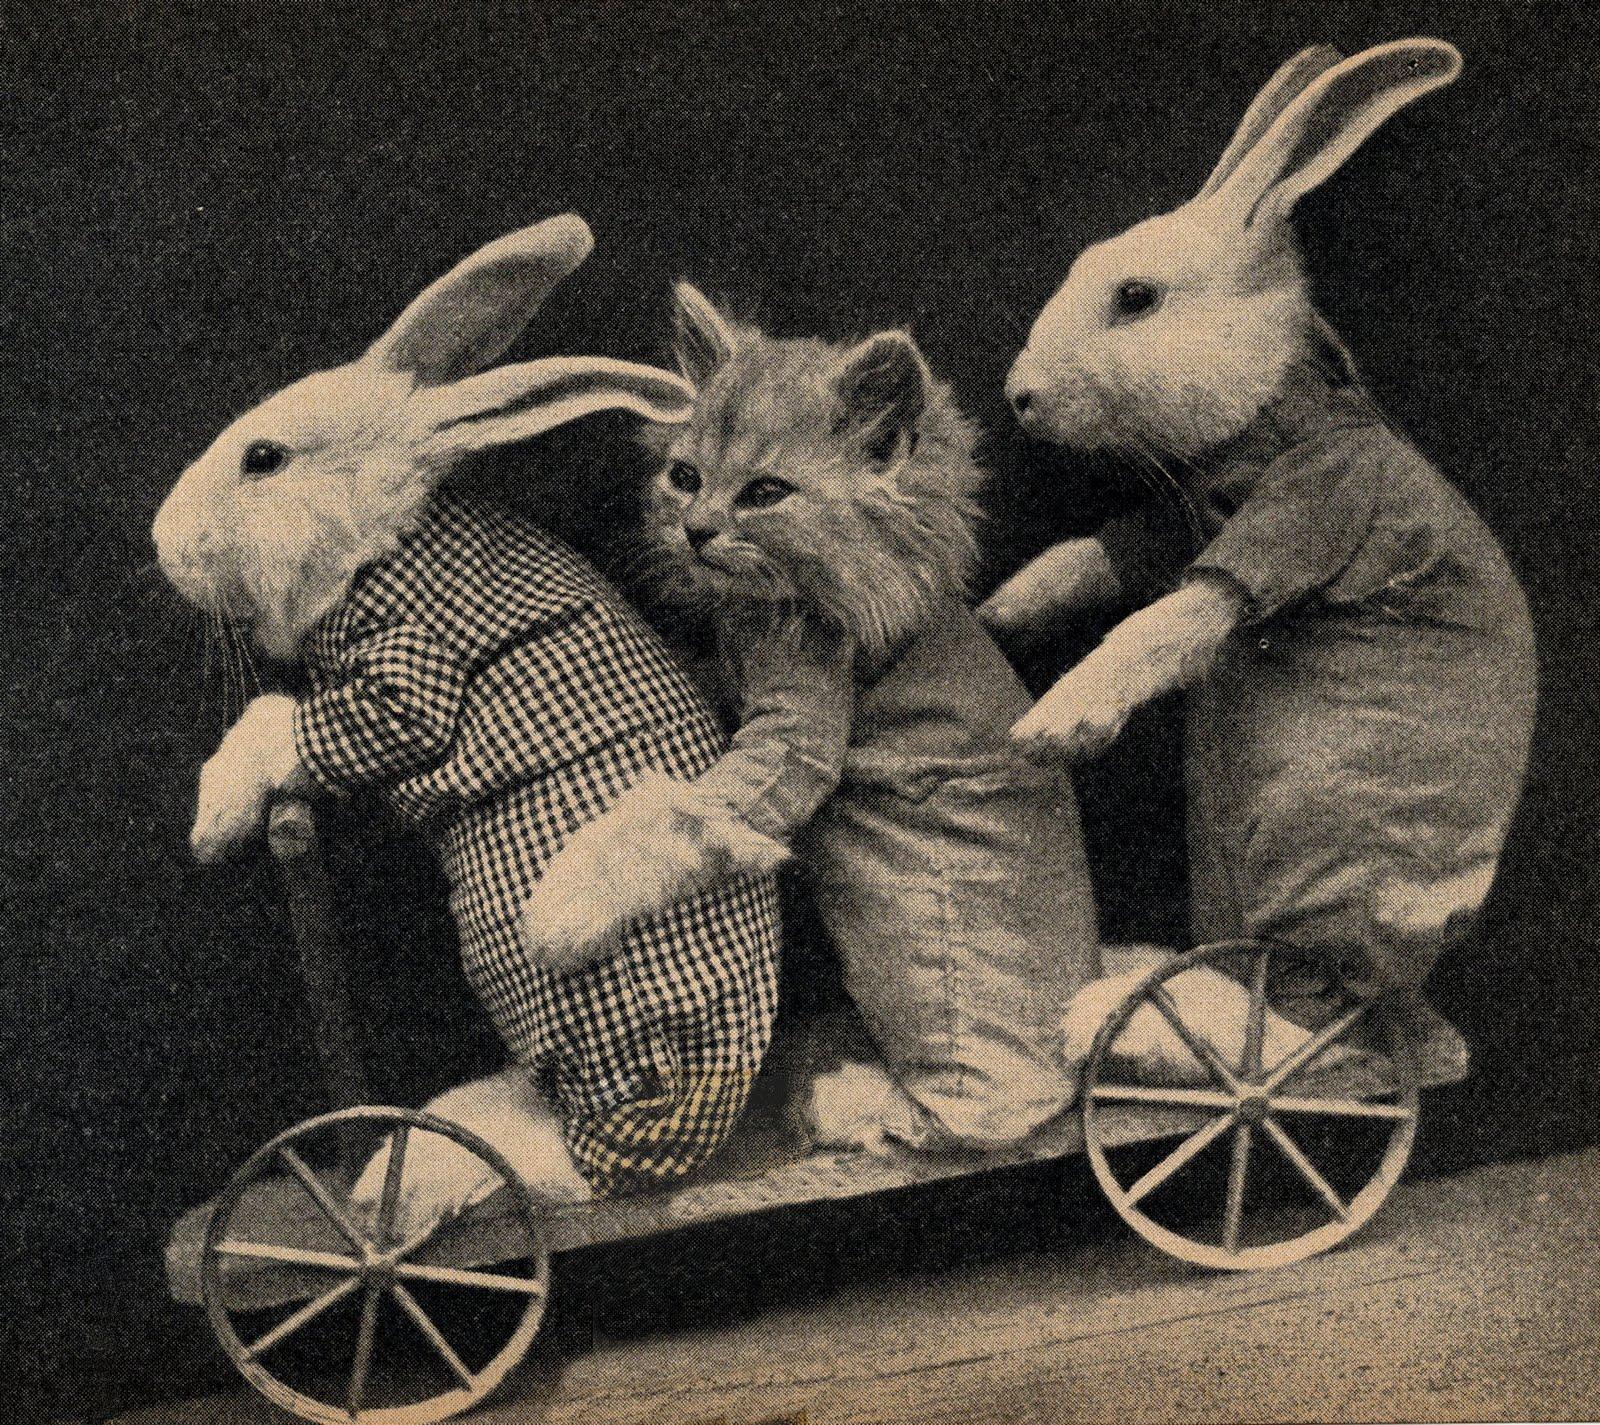 Vintage Clip Art - Bunnies & Kitten - The Graphics Fairy